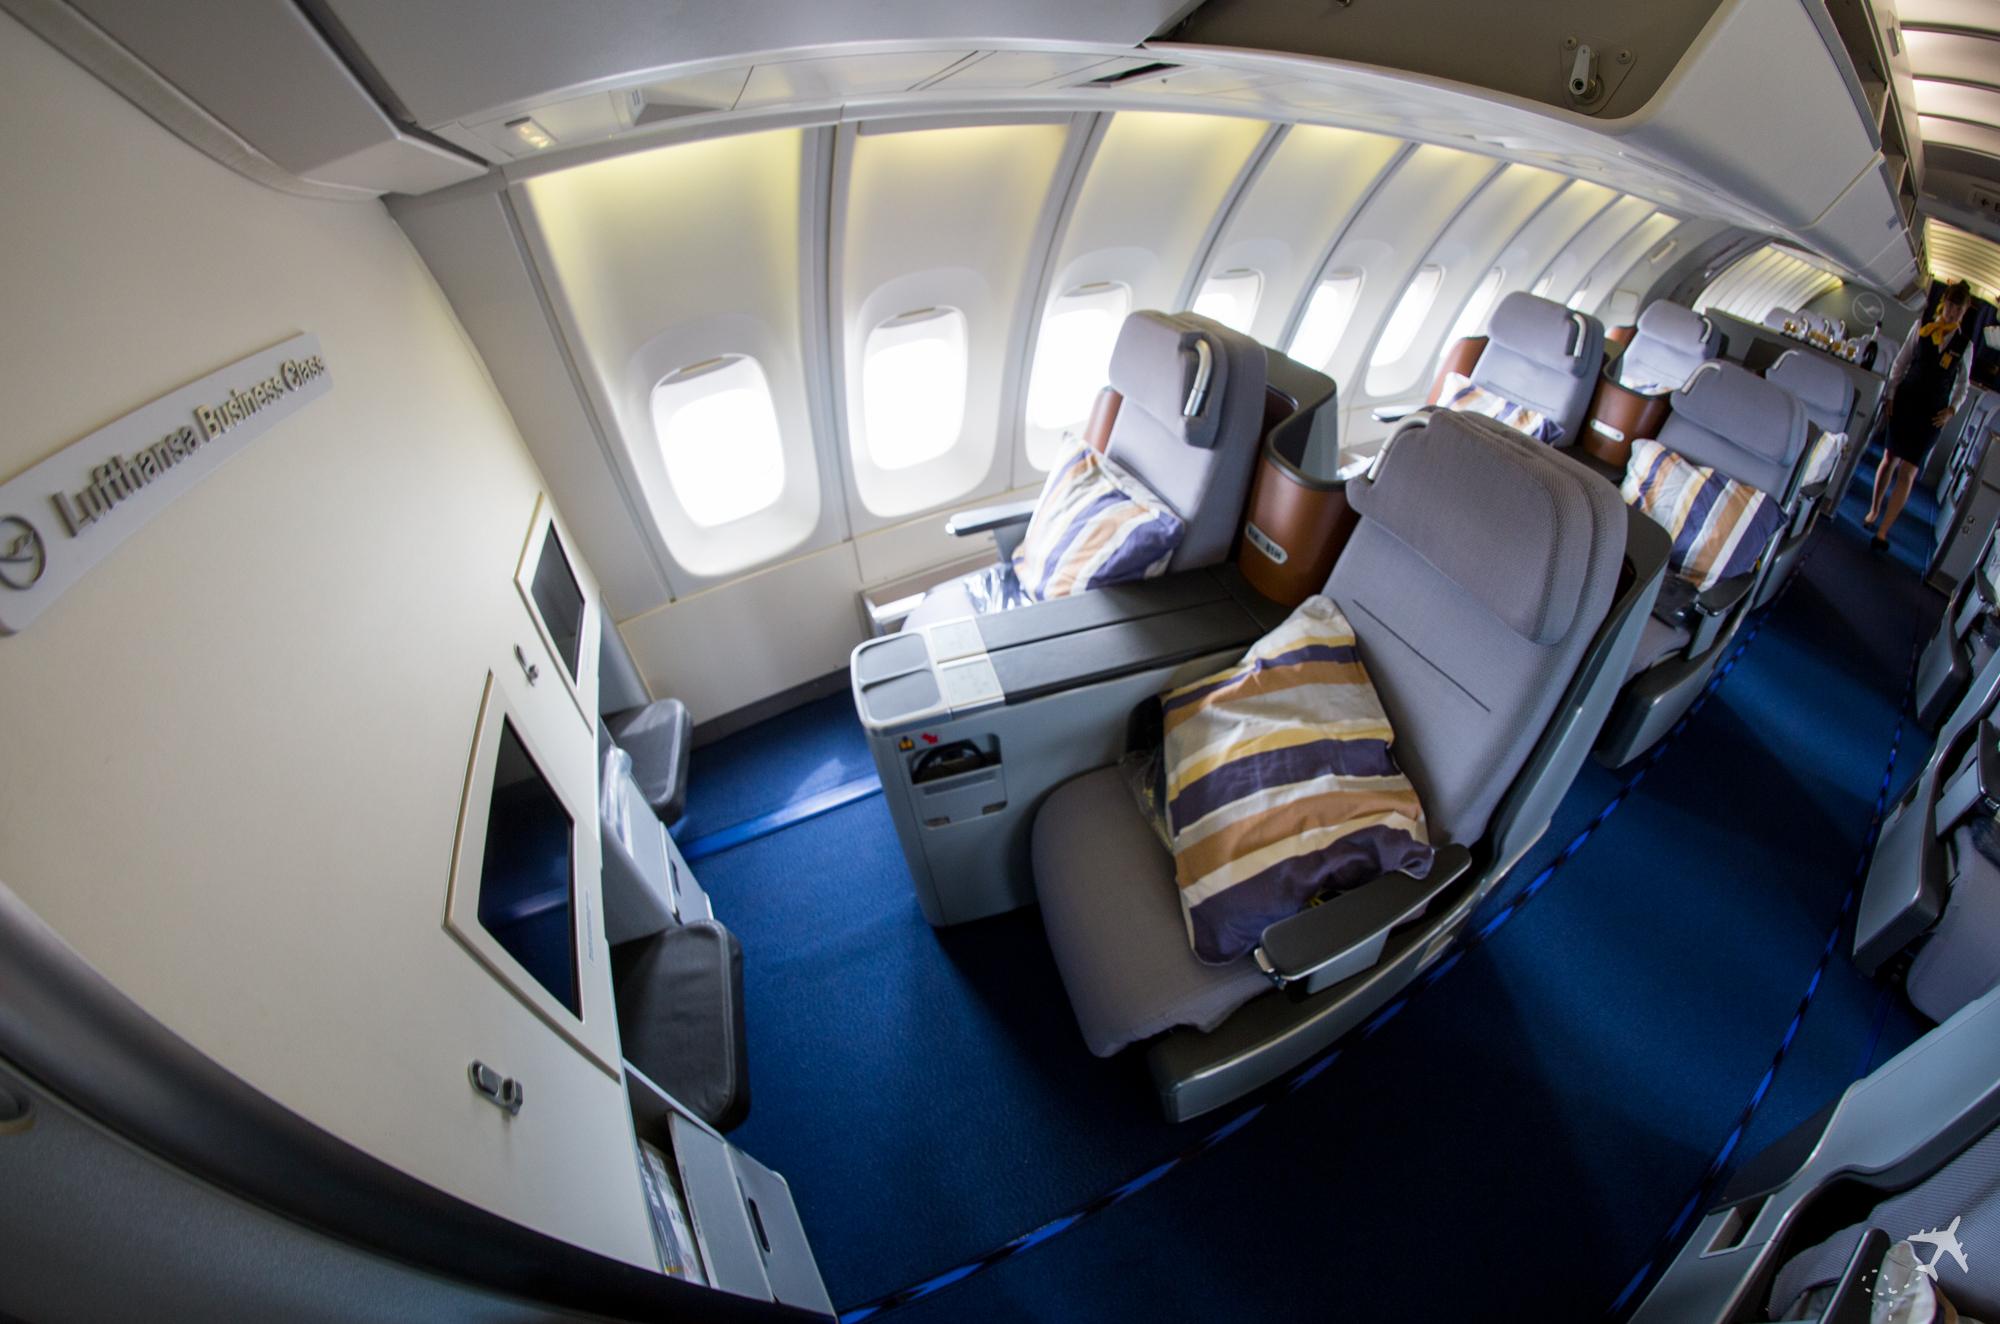 Lufthansa Business Class Boeing 747-400